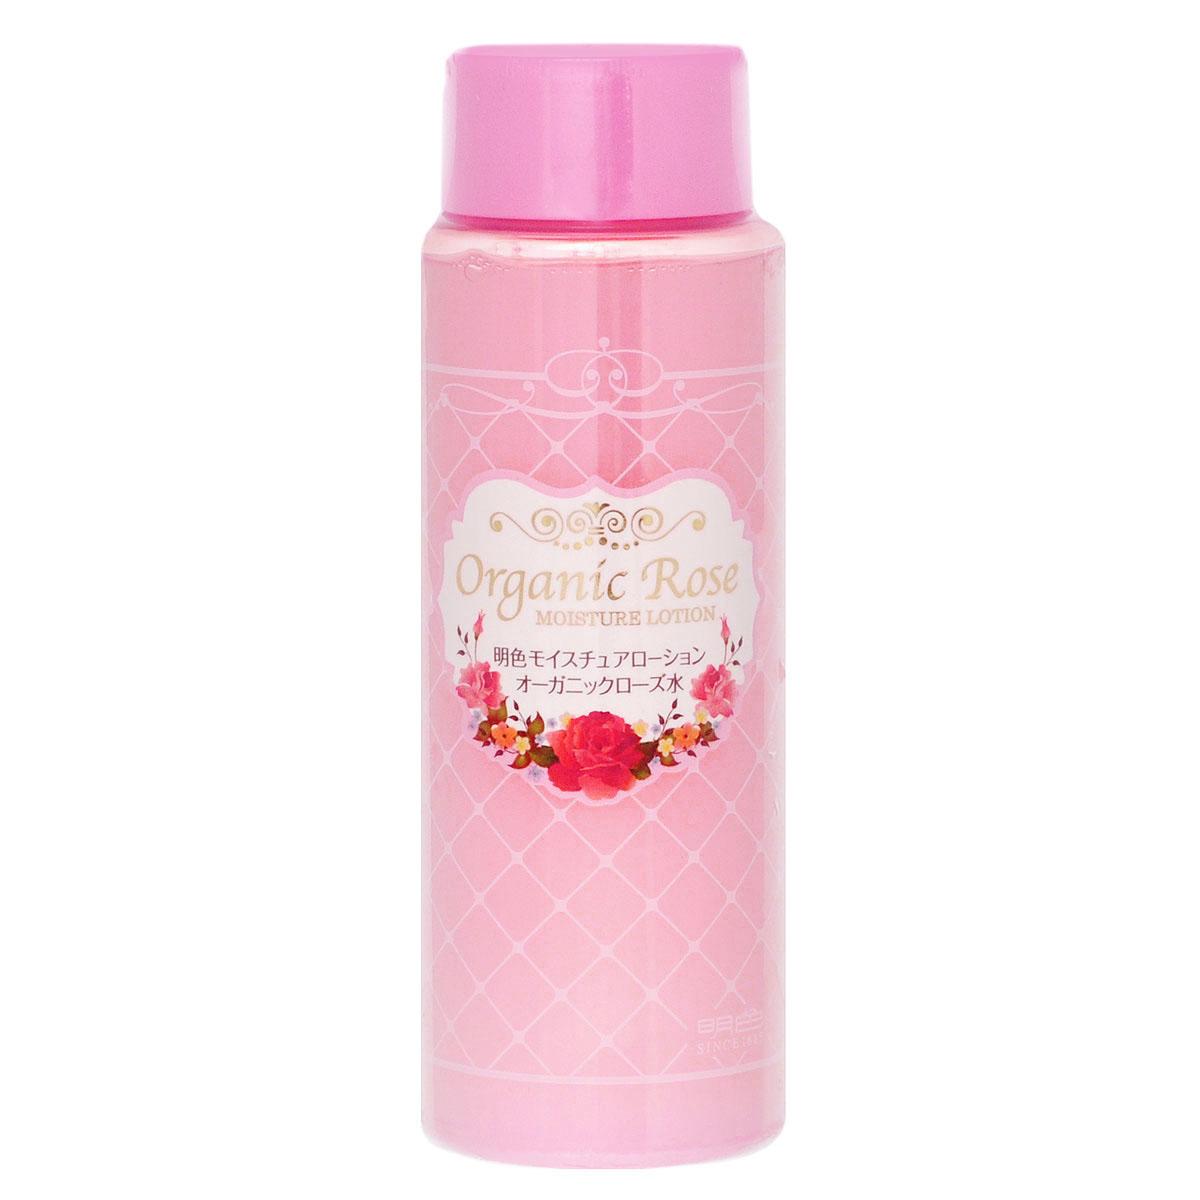 Meishoku Лосьон-уход для лица Organic Rose, увлажняющий, с экстрактом дамасской розы, 210 мл238024Лосьон Organic Rose превосходно ухаживает за кожей, поддерживает оптимальный уровень влаги в клетках кожи. Глубоко проникает. Помогает сделать кожу здоровой и красивой. В состав входят нанокапсулы, содержащие компоненты, удерживающие влагу в коже – гиалуроновую кислоту и экстракт ячменя, а также цветочную воду дамасской розы - компонент, нормализующий состояние кожи. Экстракт дамасской розы освежает и тонизирует уставшую кожу, насыщает ее витаминами. Товар сертифицирован.